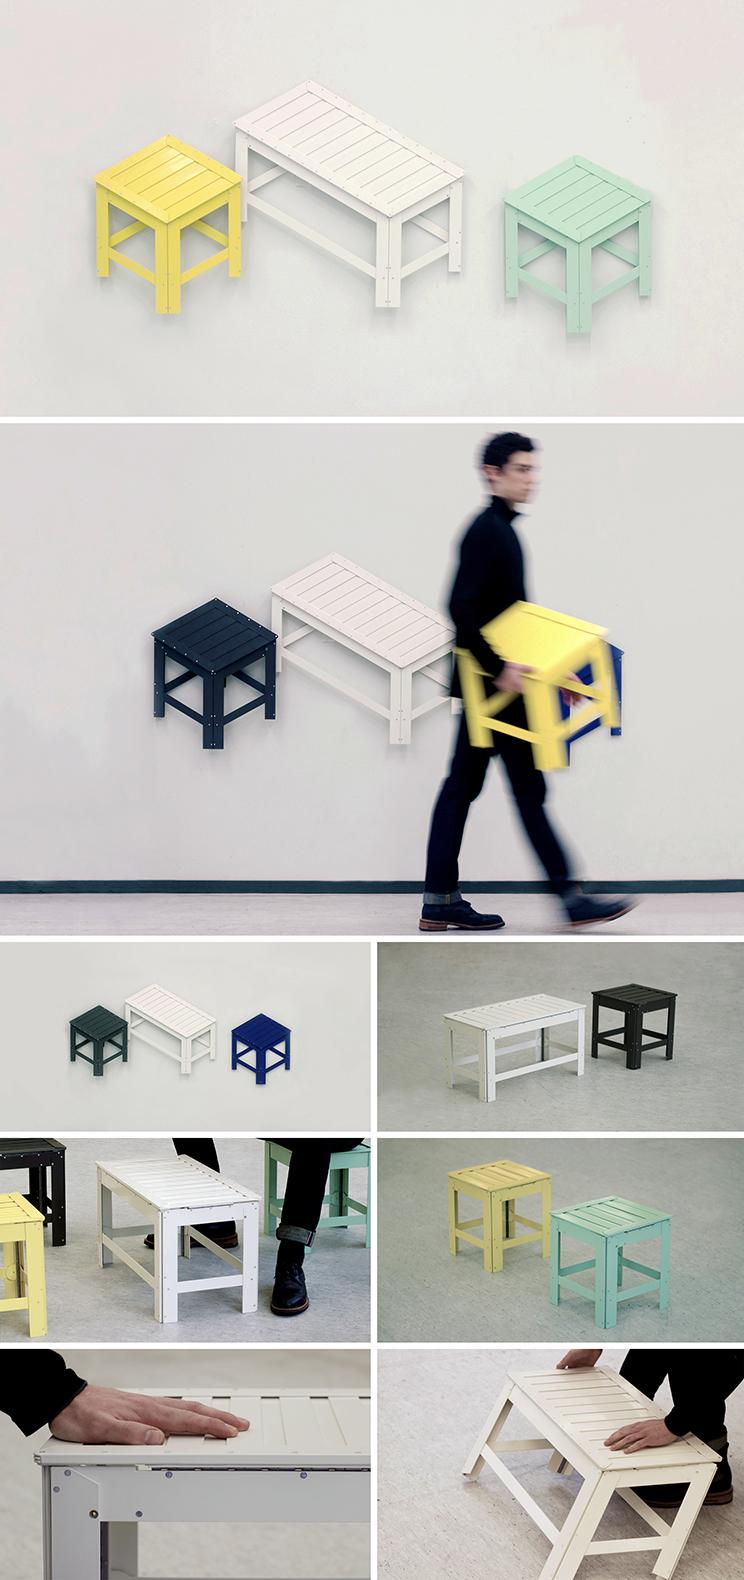 All images shown belong to Jongha Choi's website:http://jonghachoi.com